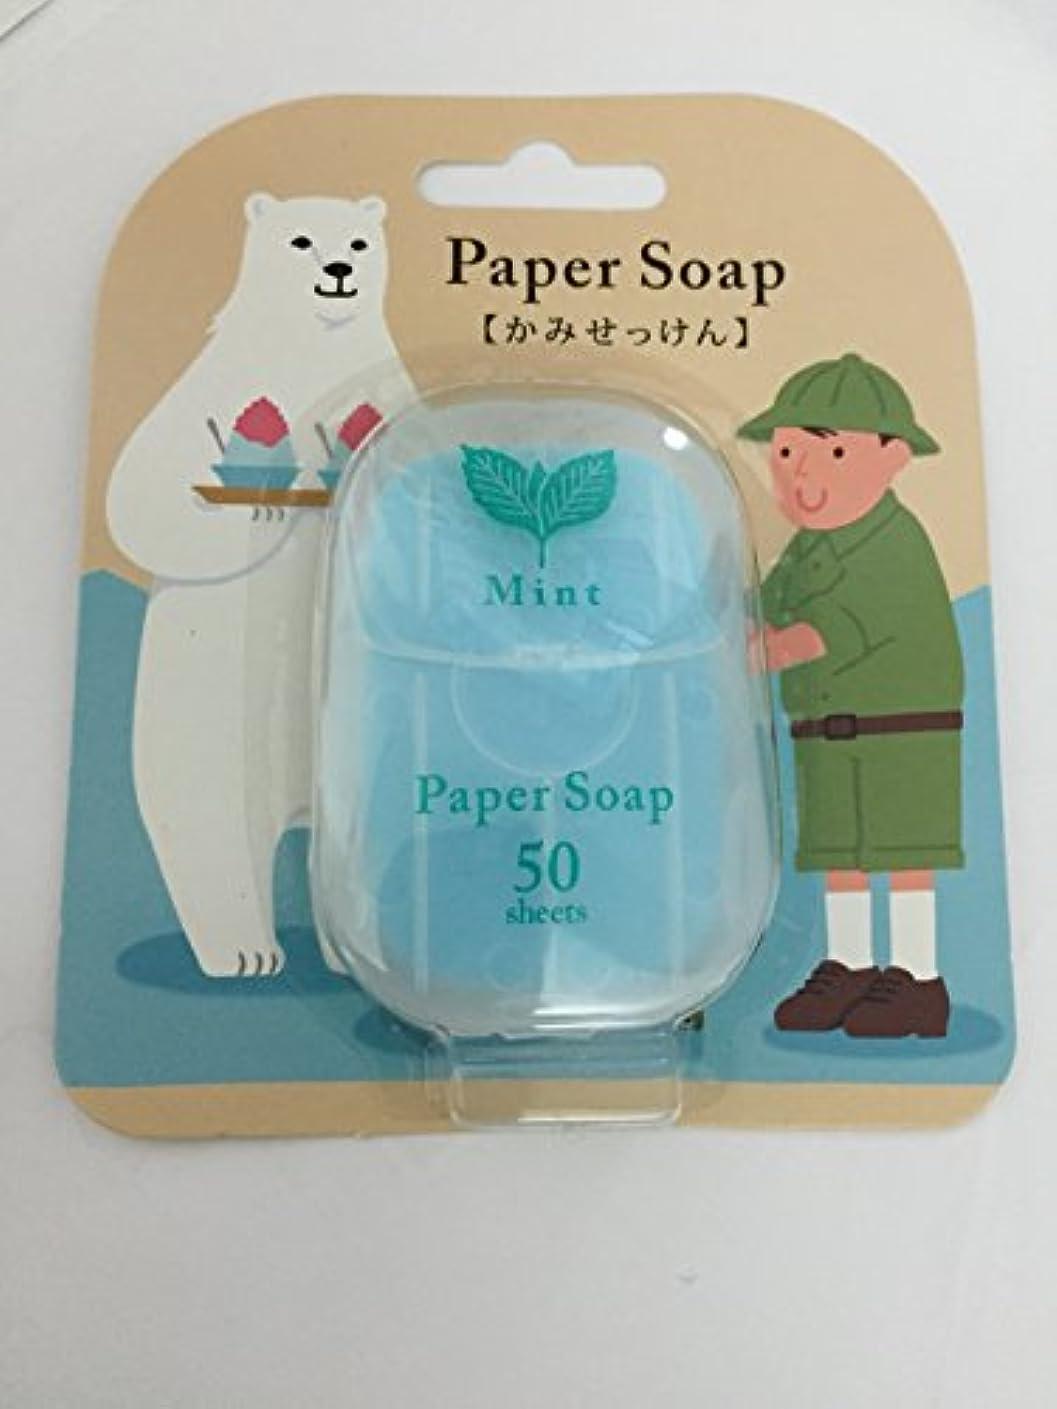 すぐにパシフィックギャロップペーパーソープ(かみせっけん) ミントの香り 新商品